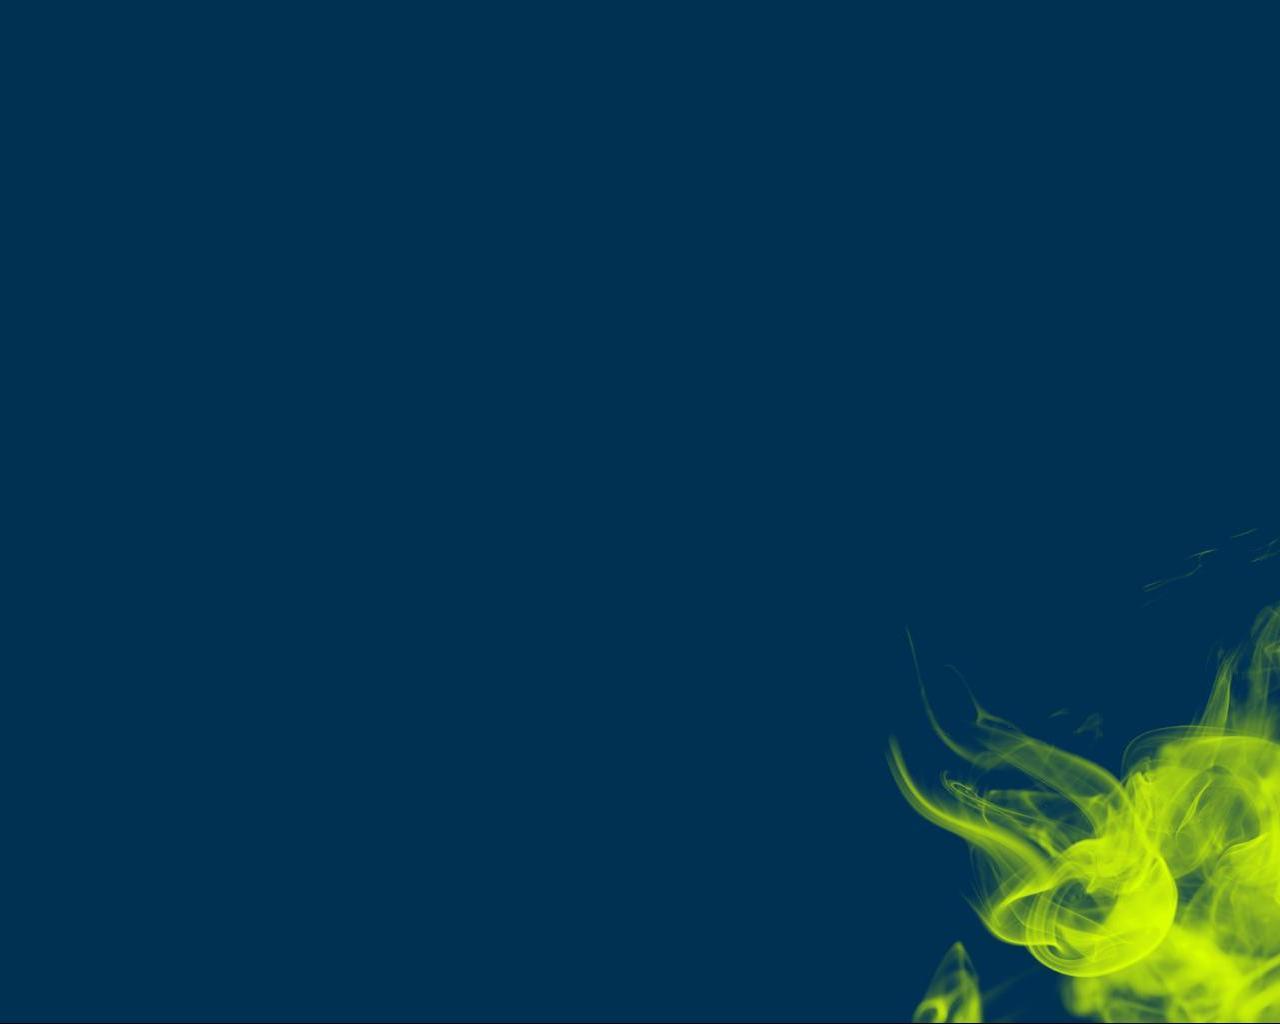 atfechoub Neon Smoke Backgrounds 1280x1024